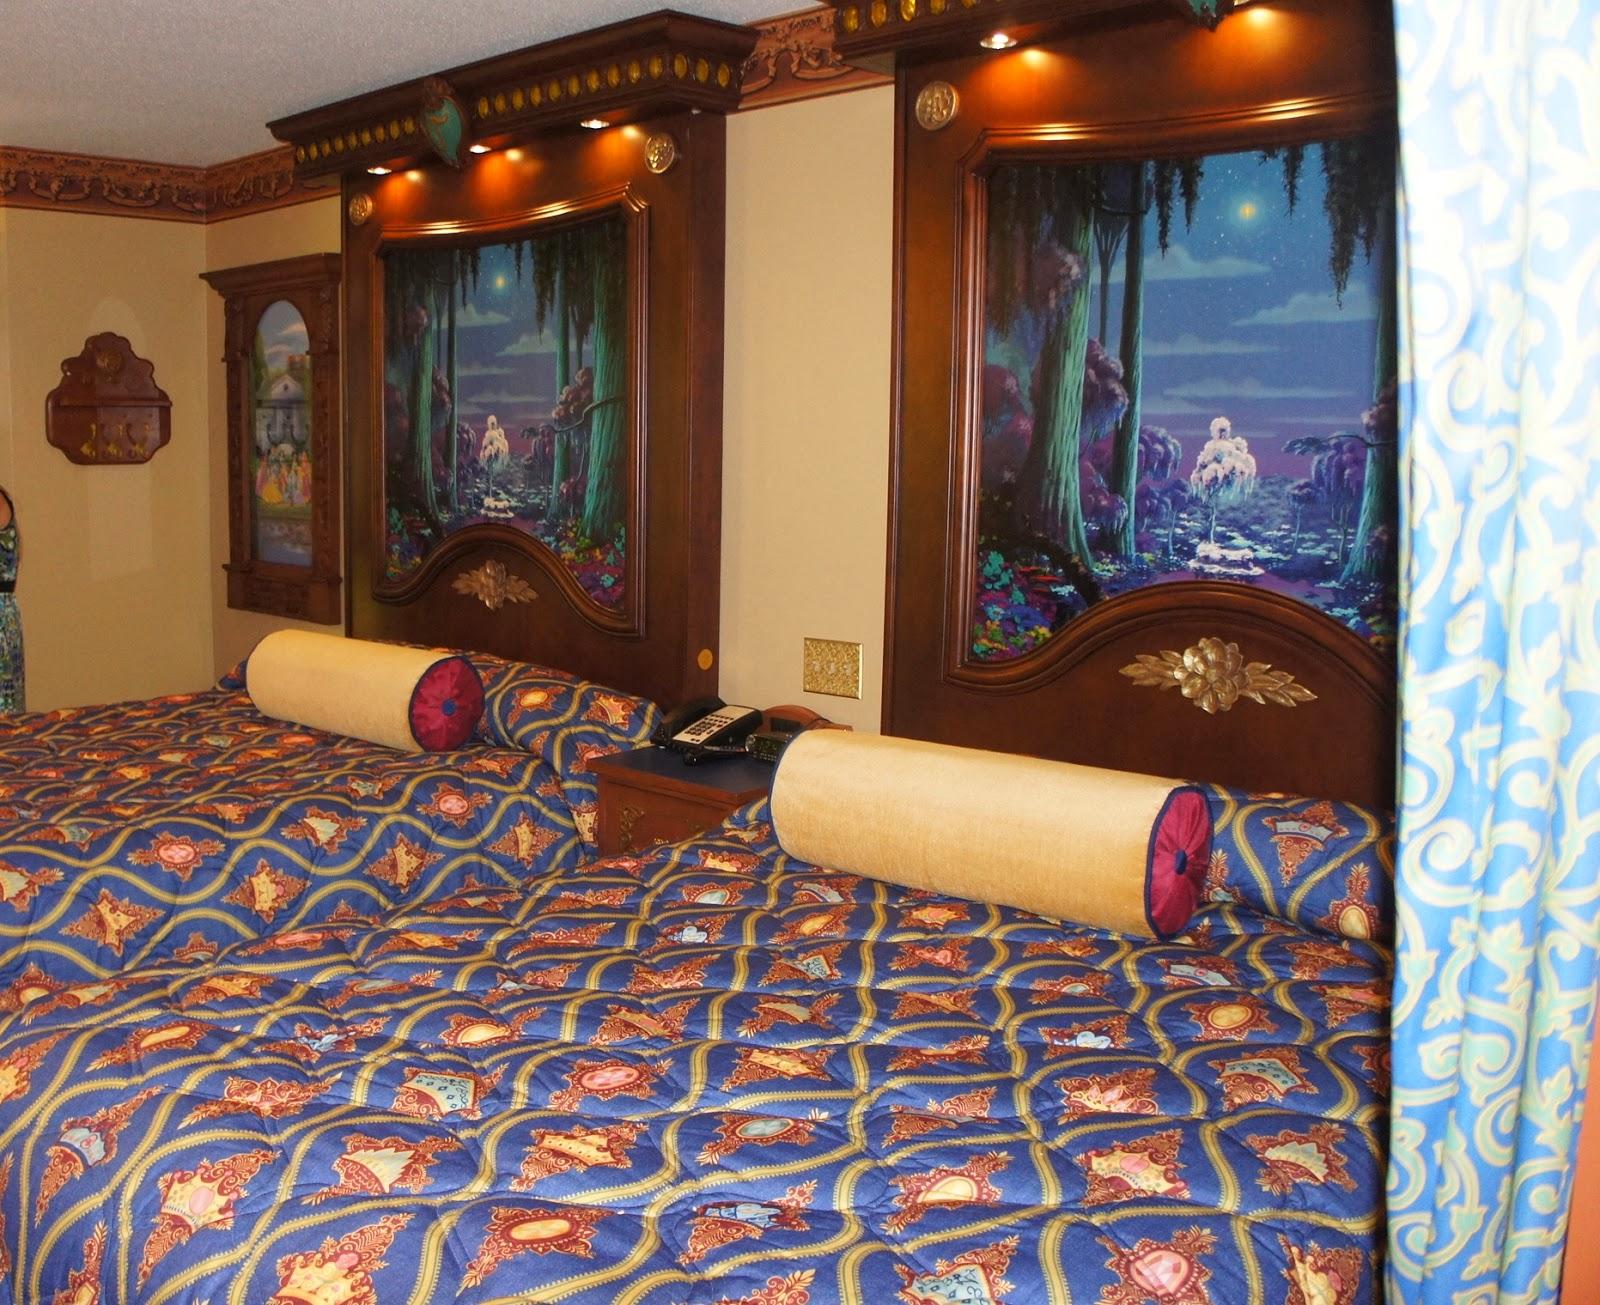 Disney Devoted Port Orleans Riverside Royal Rooms